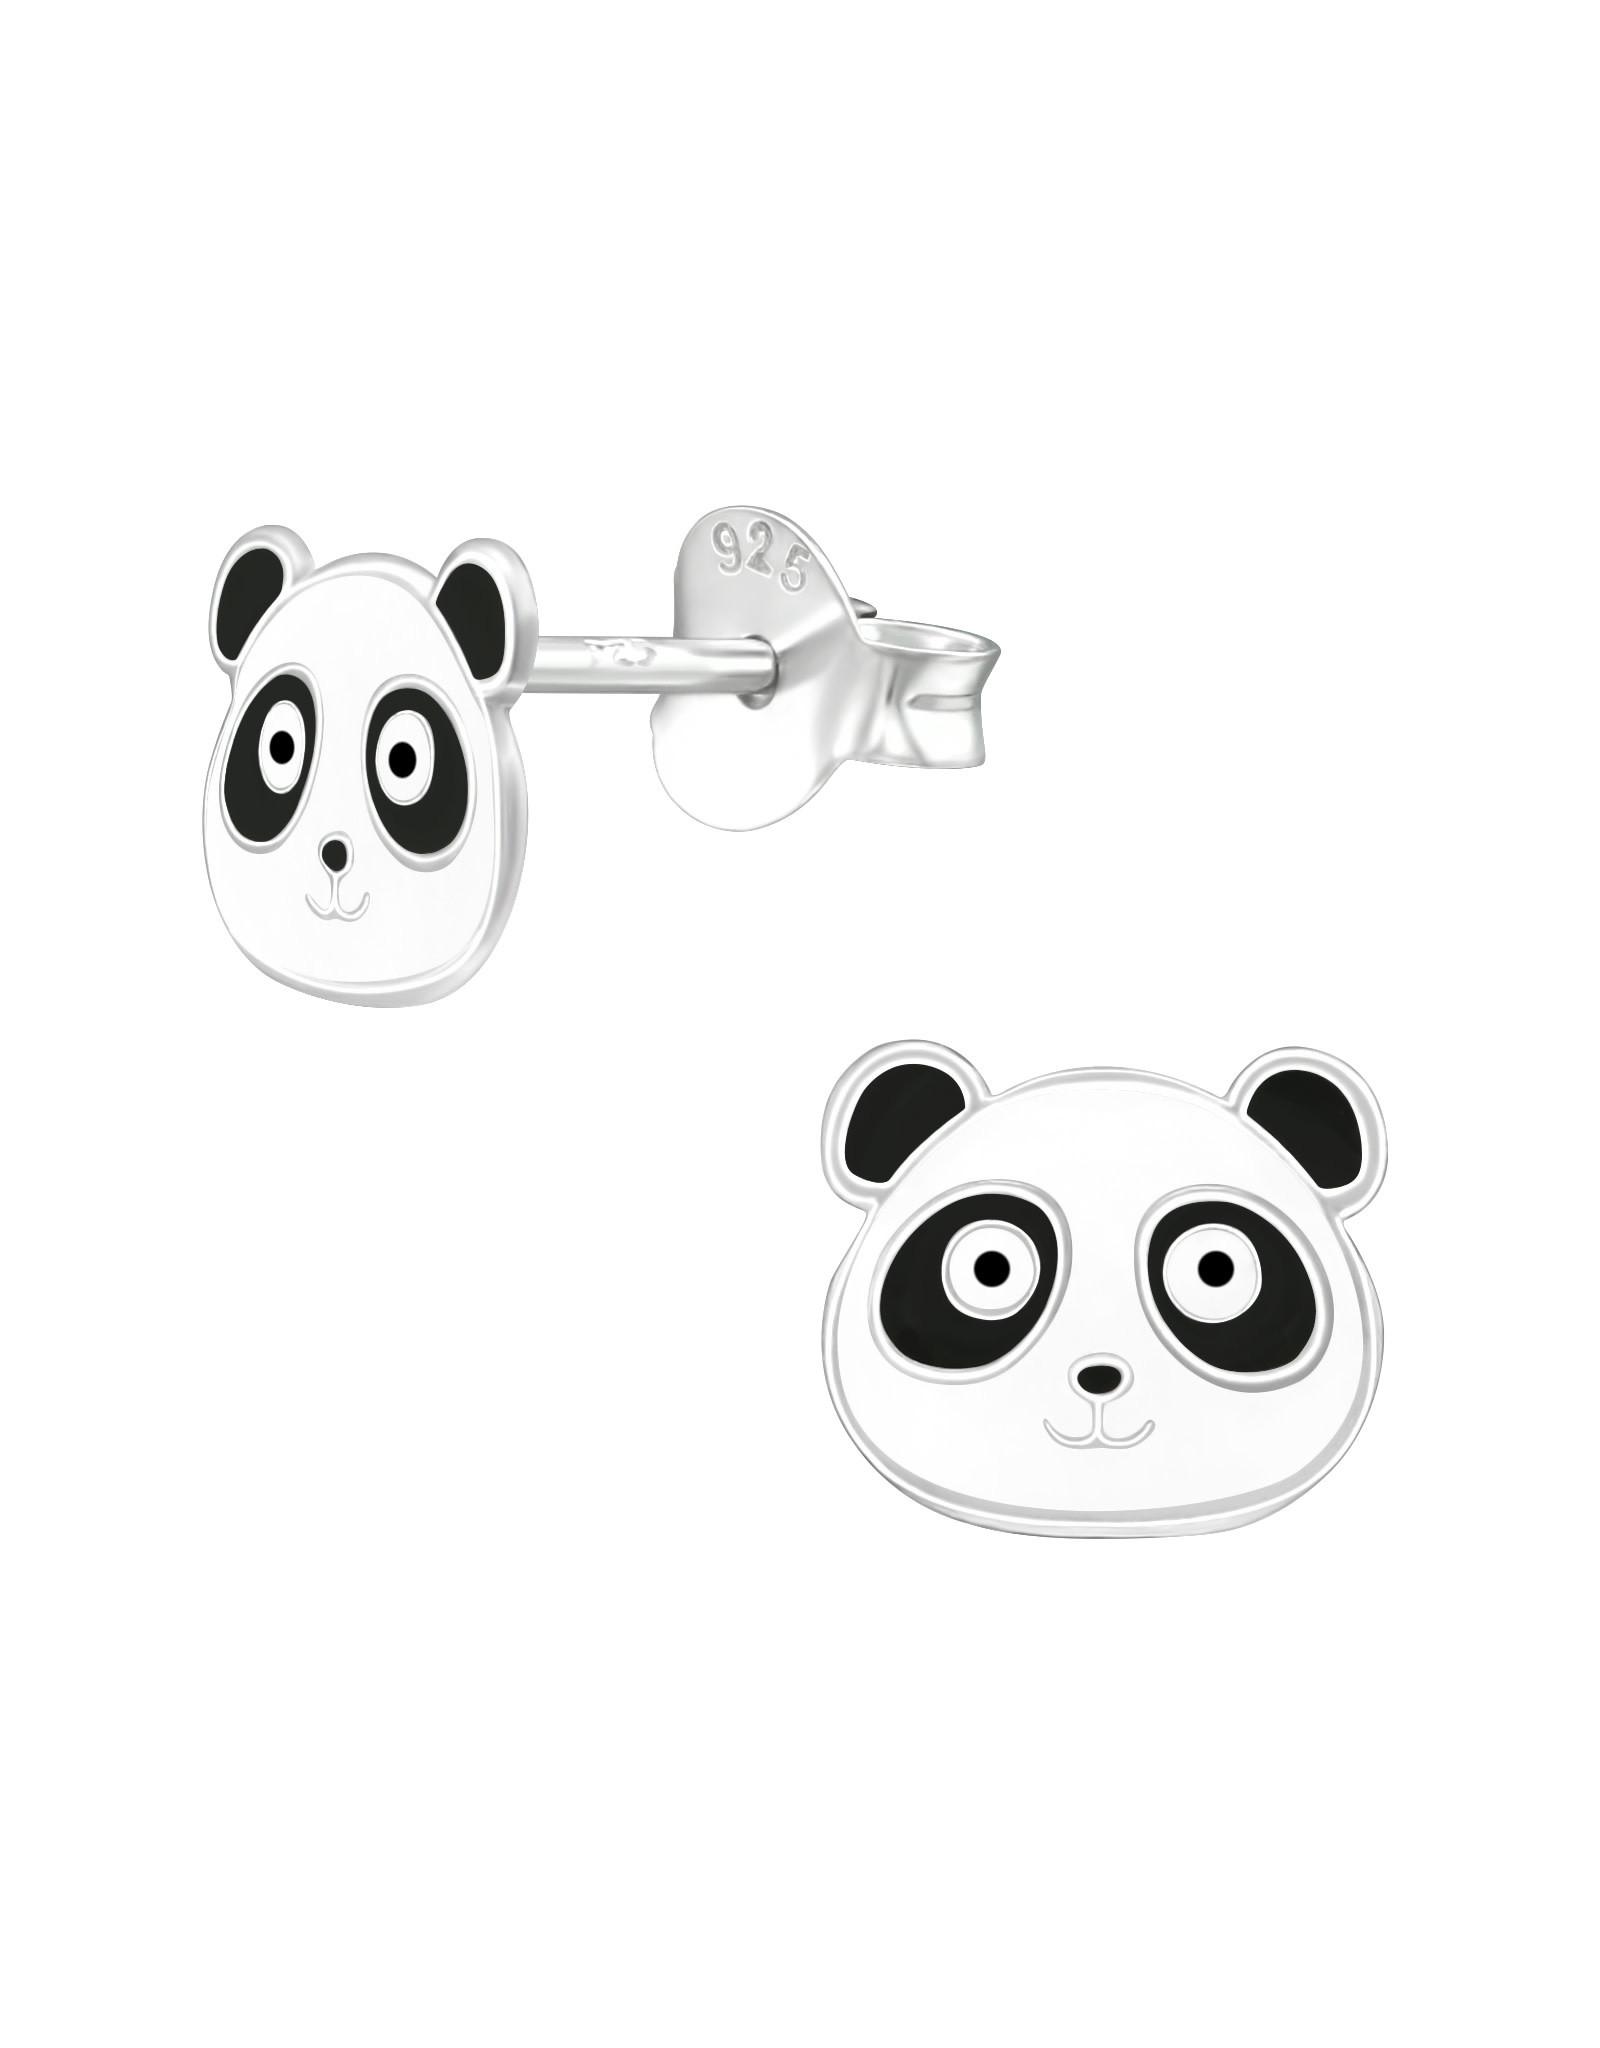 Stekertjes zilver panda hoofdje